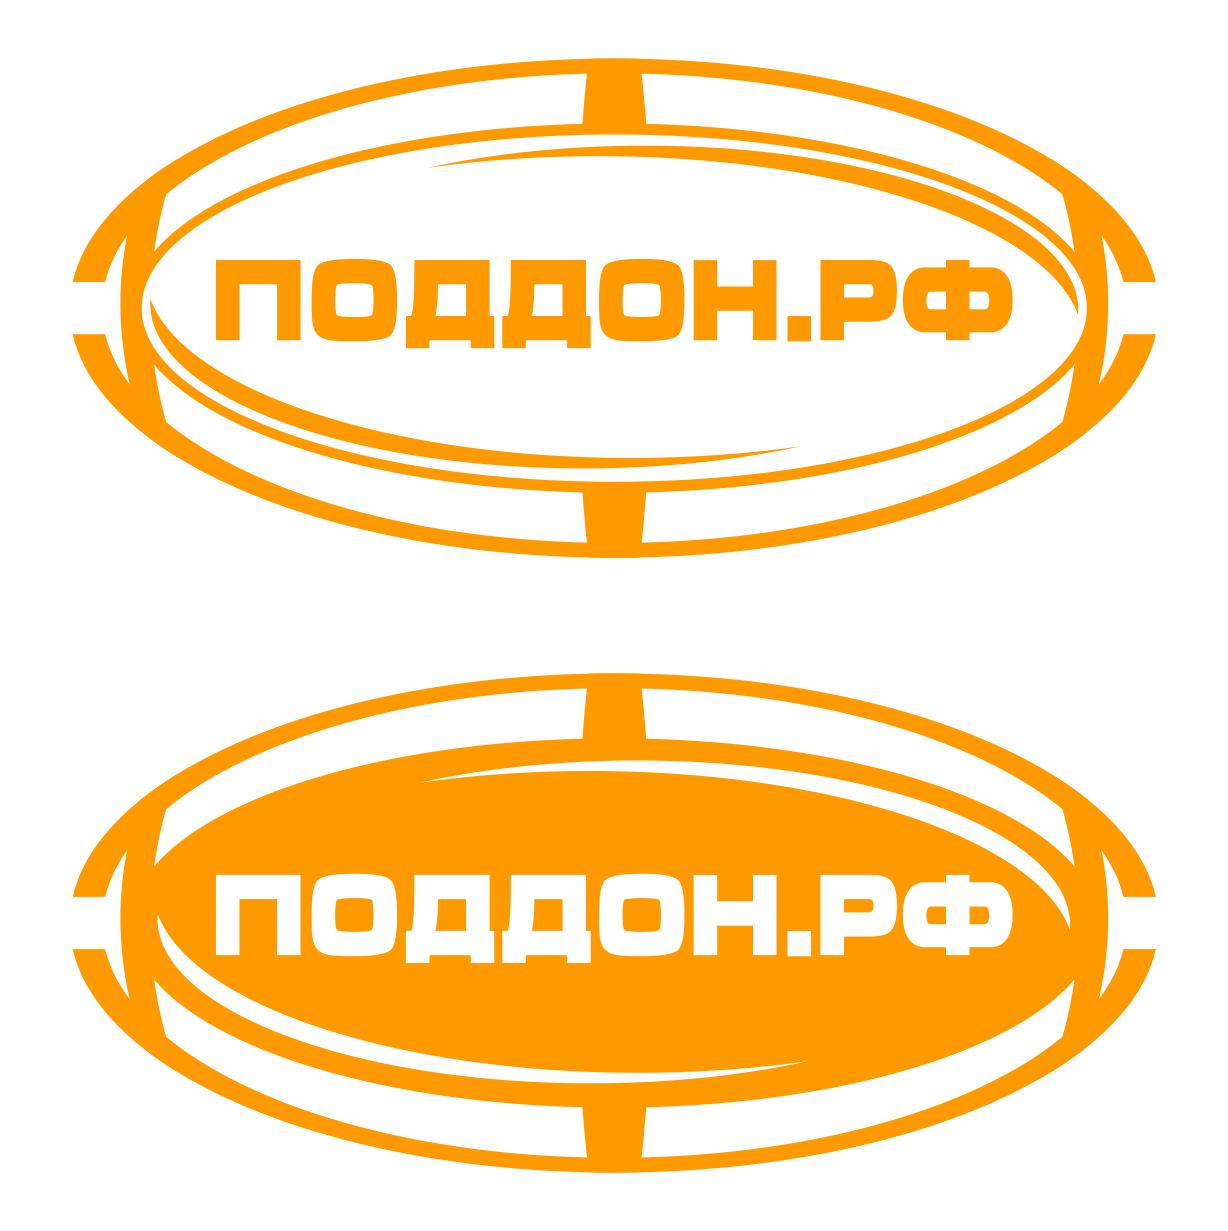 Необходимо создать логотип фото f_894526dbc9799b62.png